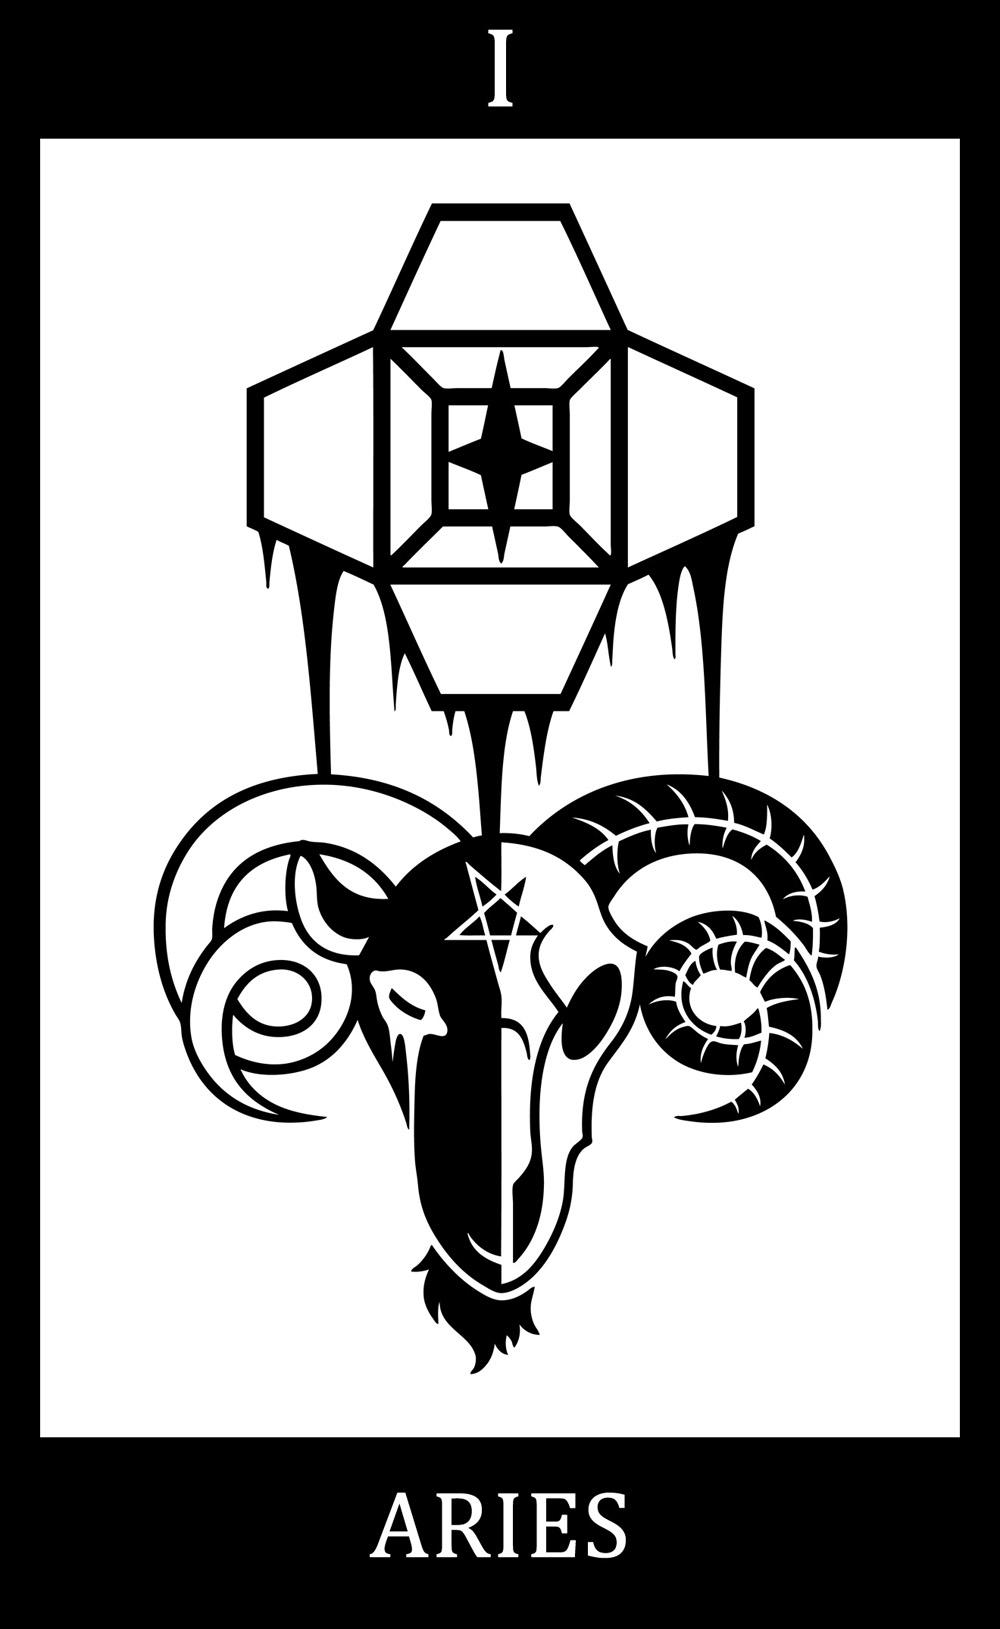 01 - 白羊座 - SCP-1843 - 羔羊之神